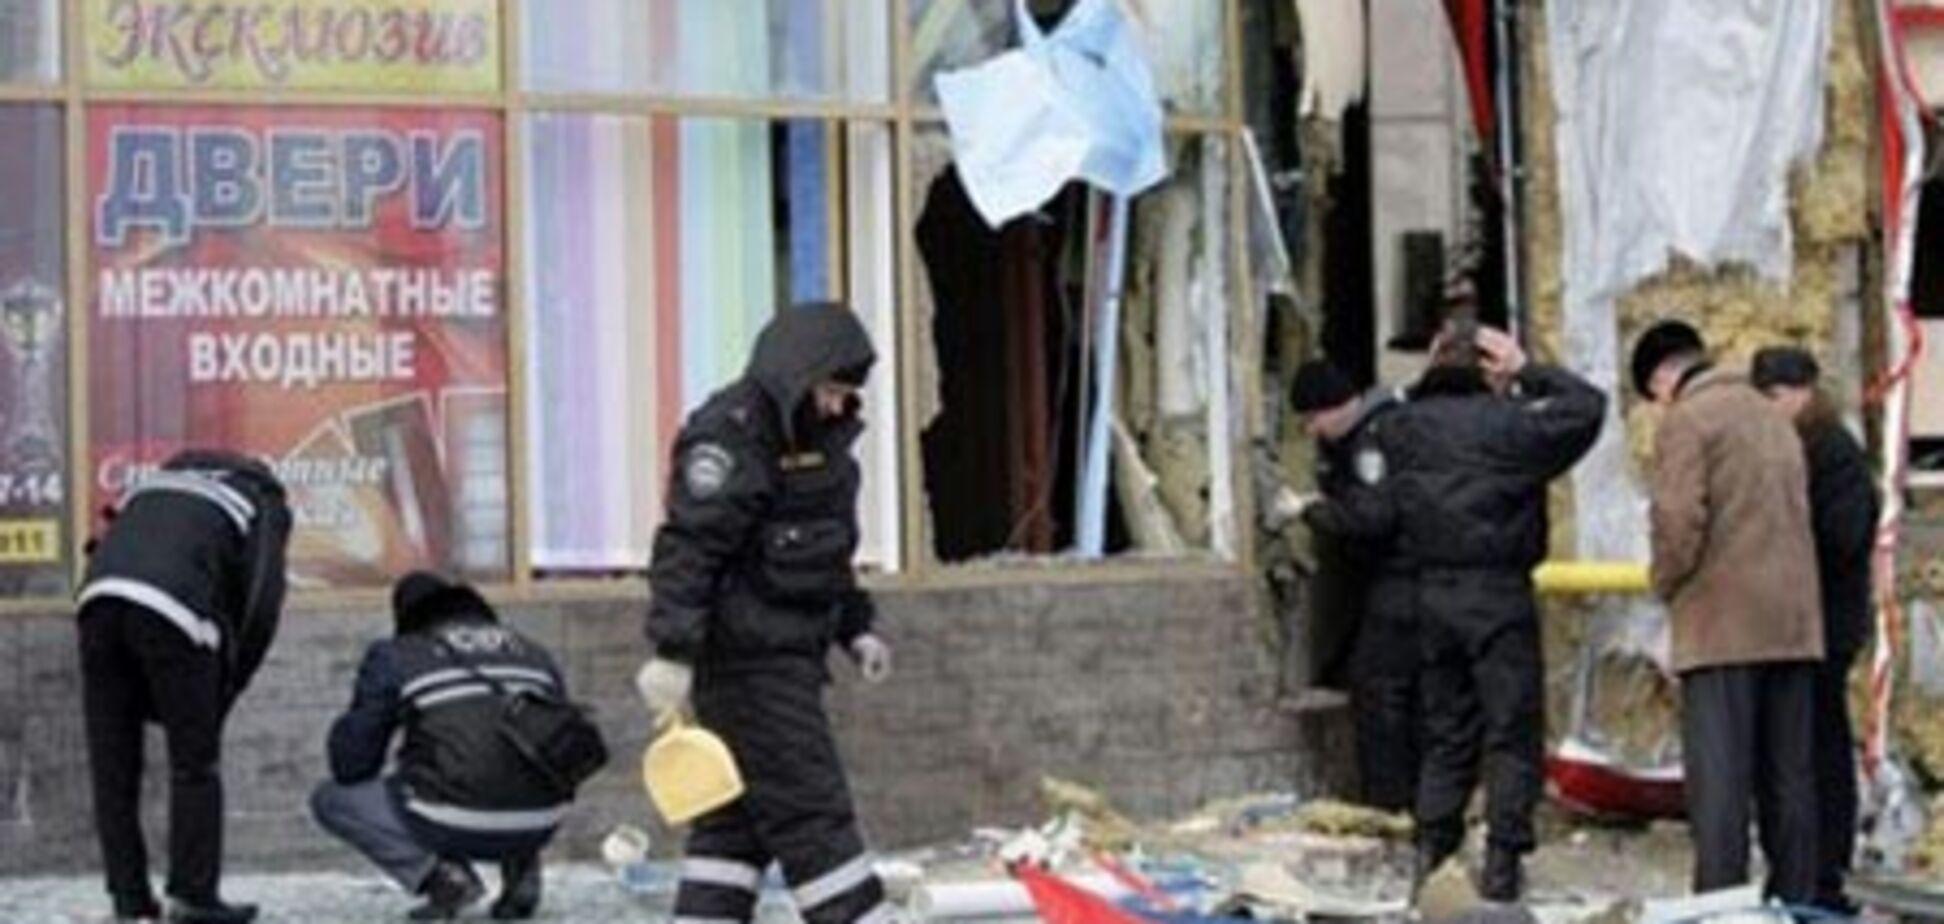 Грымчак назвал свои версии взрывов в Макеевке